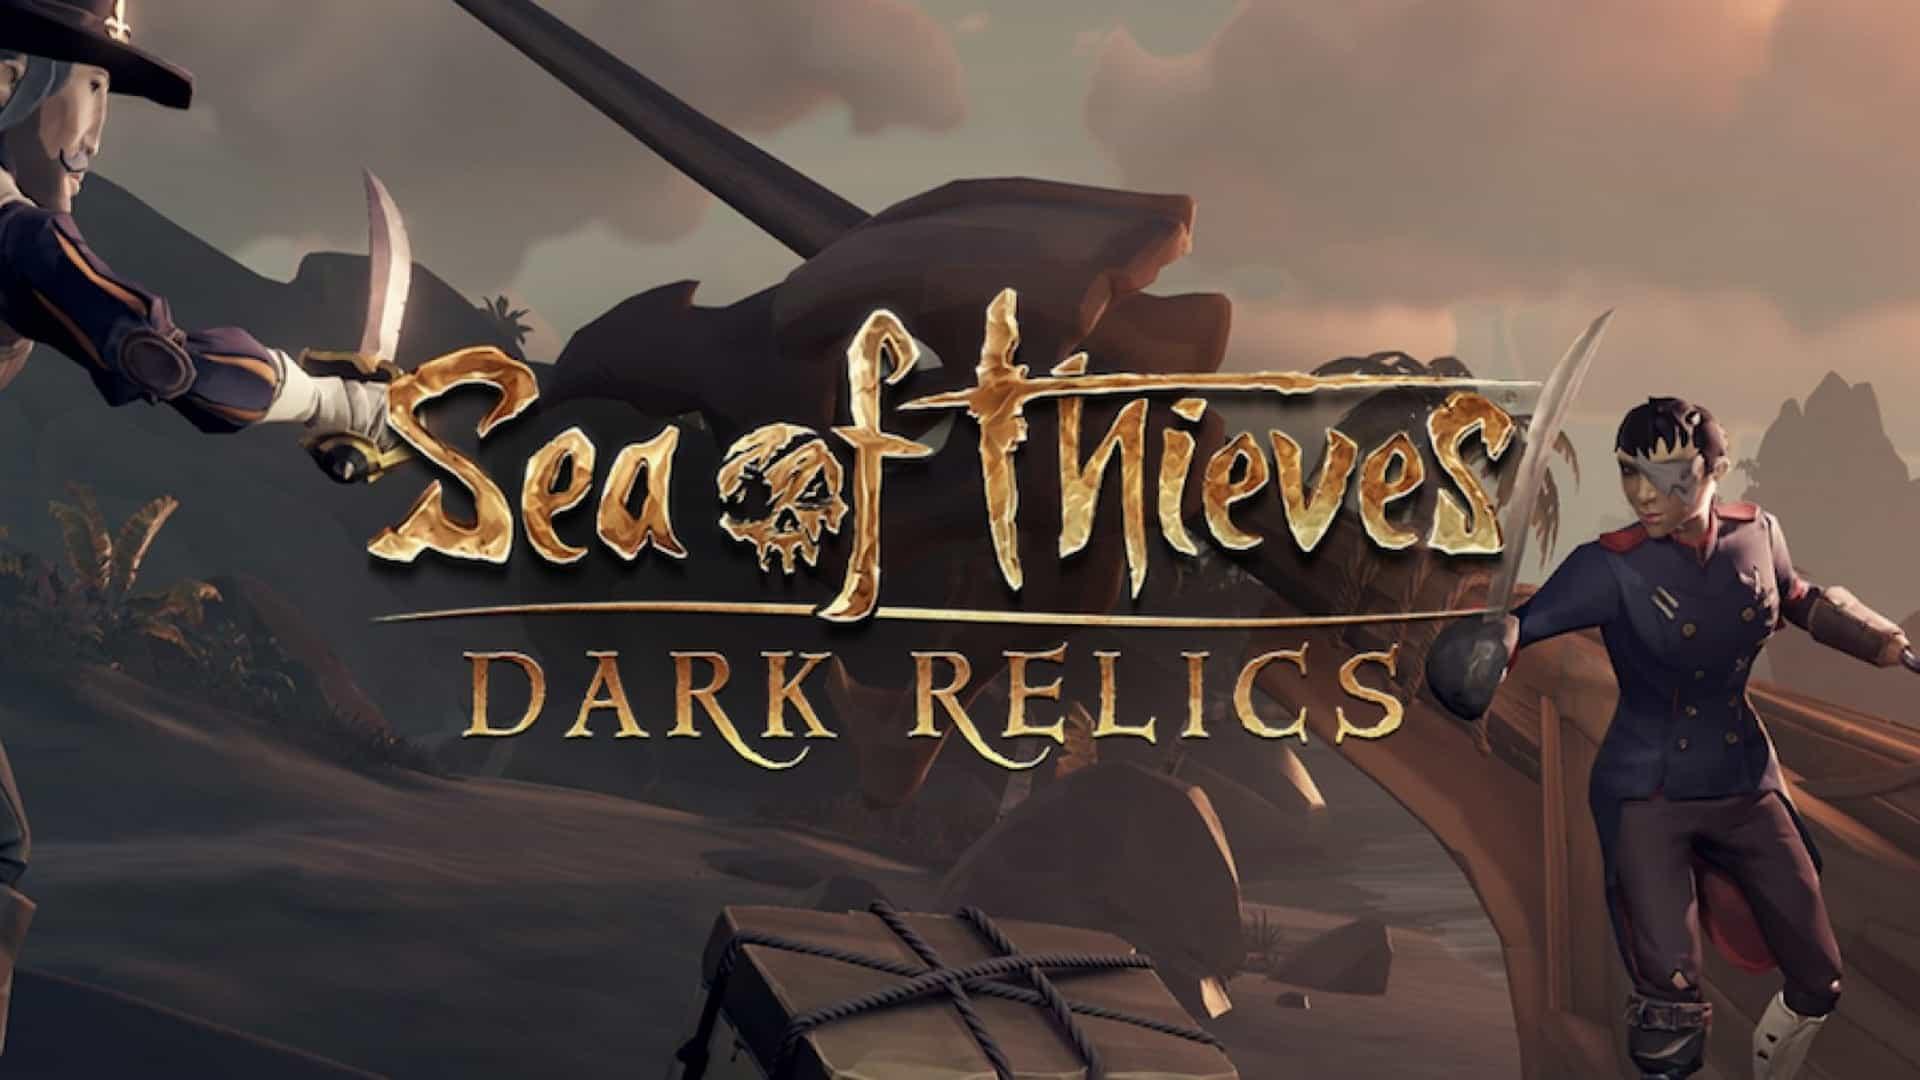 Sea of Thieves Announces Dark Relics Content Update